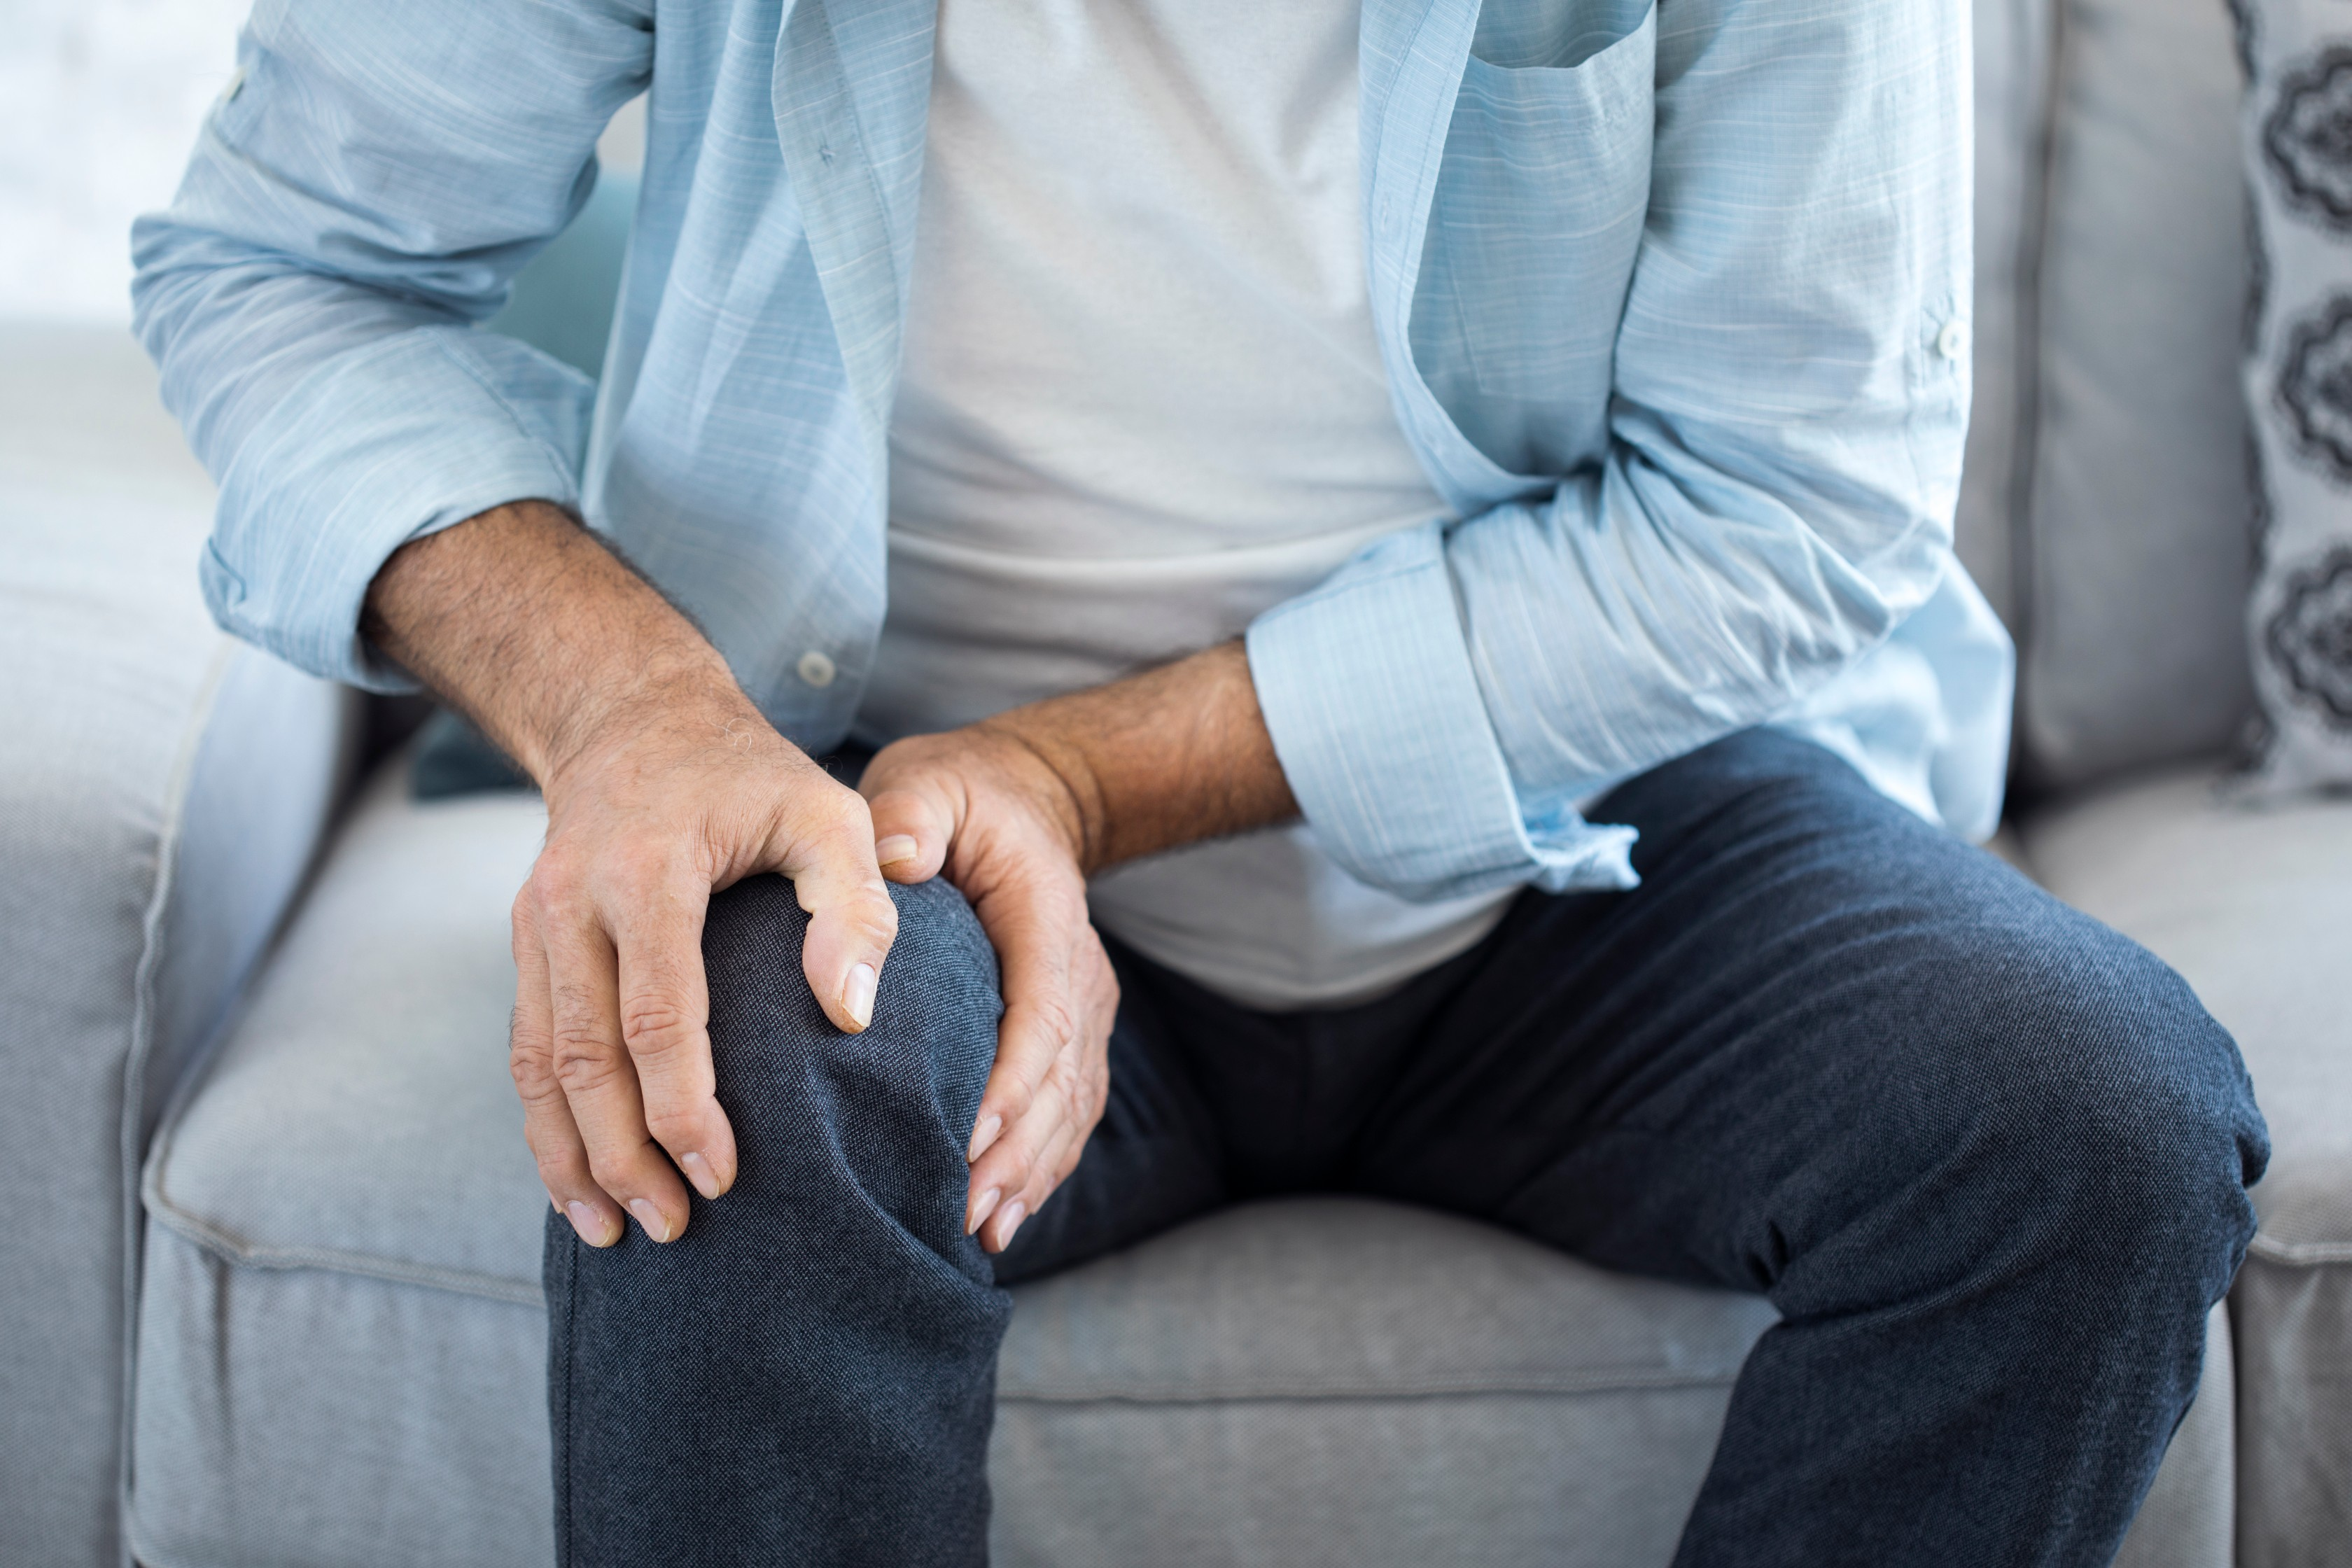 súlyos ízületi fájdalom, hogyan kell kezelni